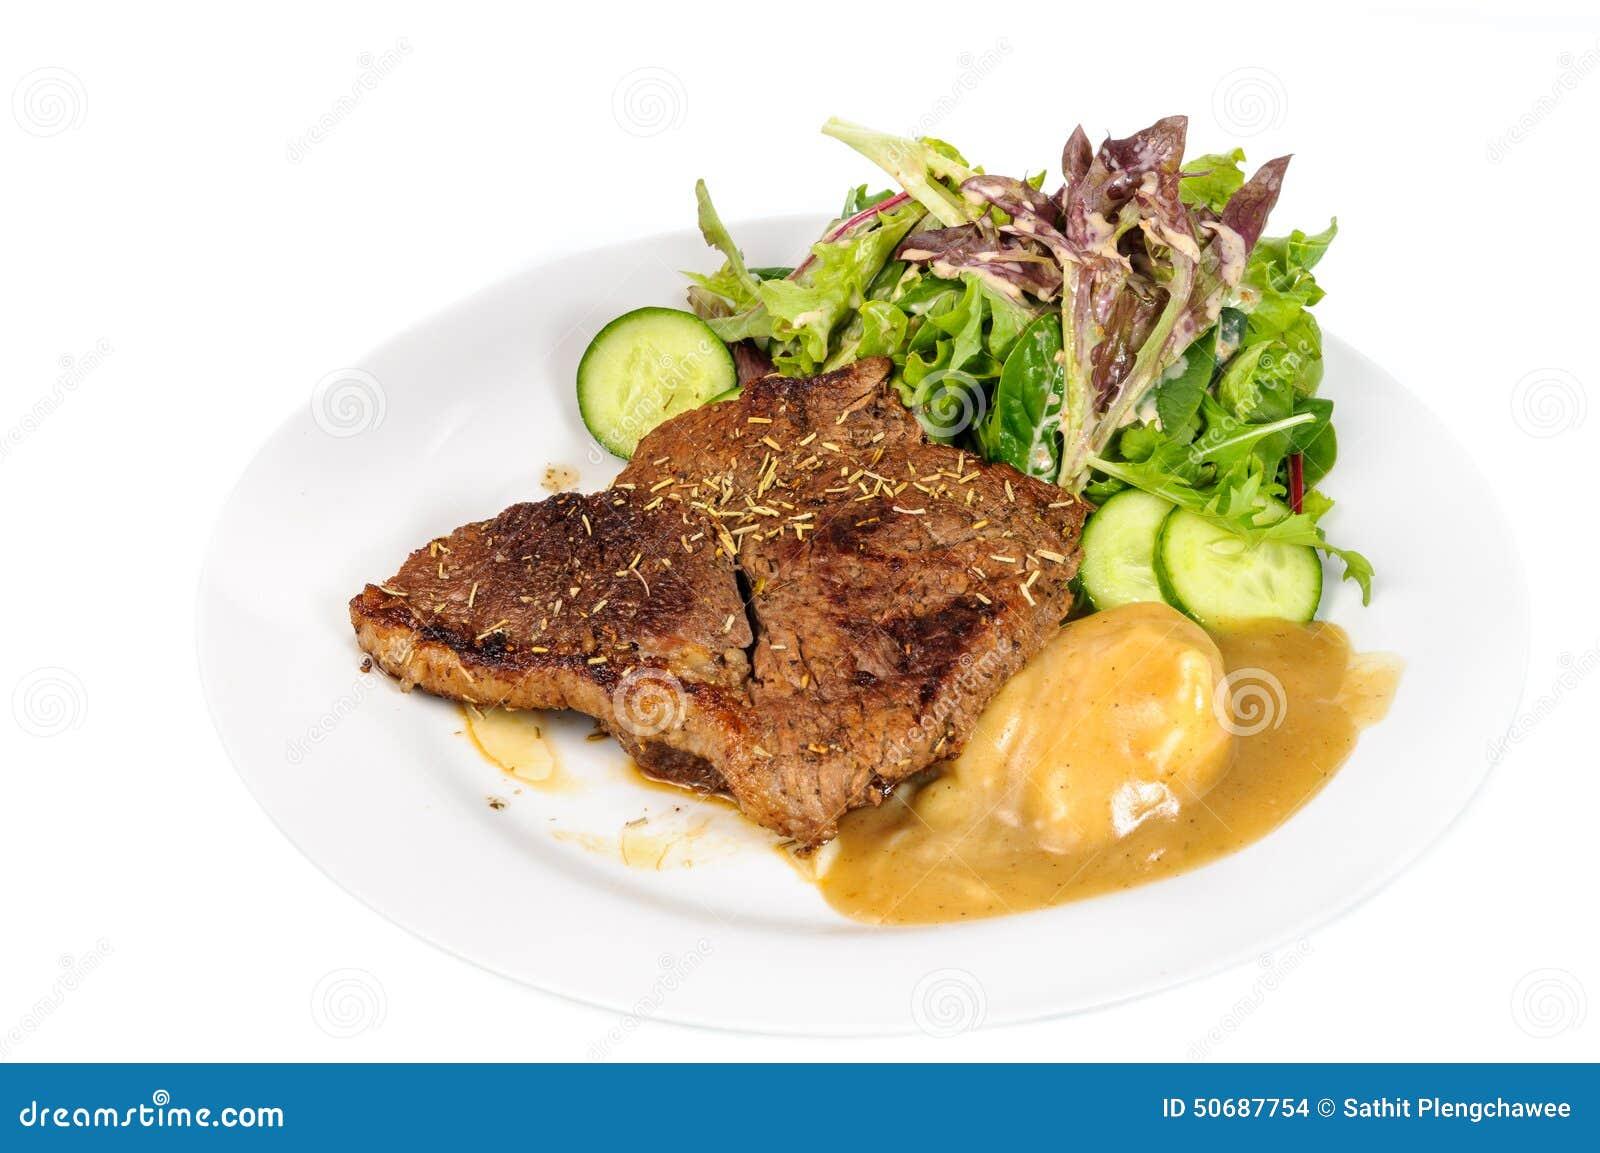 Download 臀部的牛排用土豆泥和混合菜在板材 库存照片. 图片 包括有 新鲜, 土豆, 调味汁, 牌照, 绿色, 可口 - 50687754